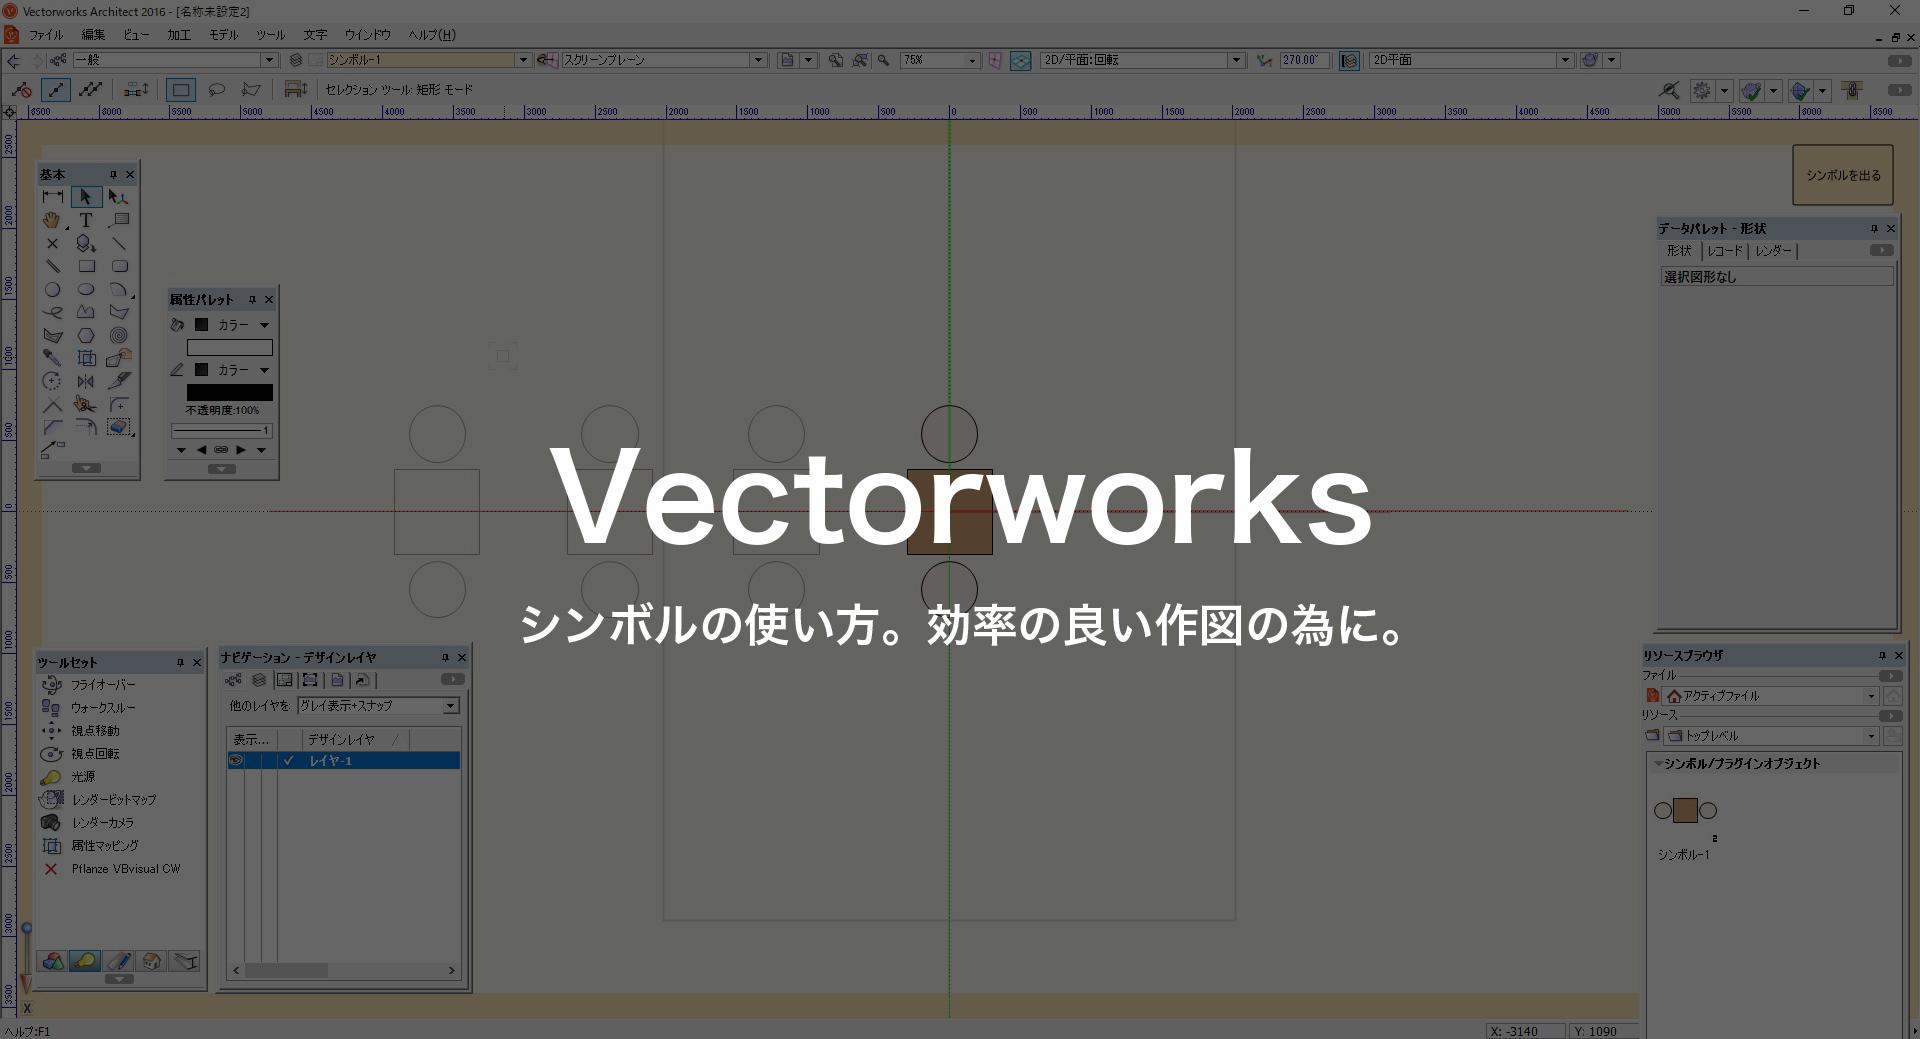 Vectorworks 「シンボル」の使い方